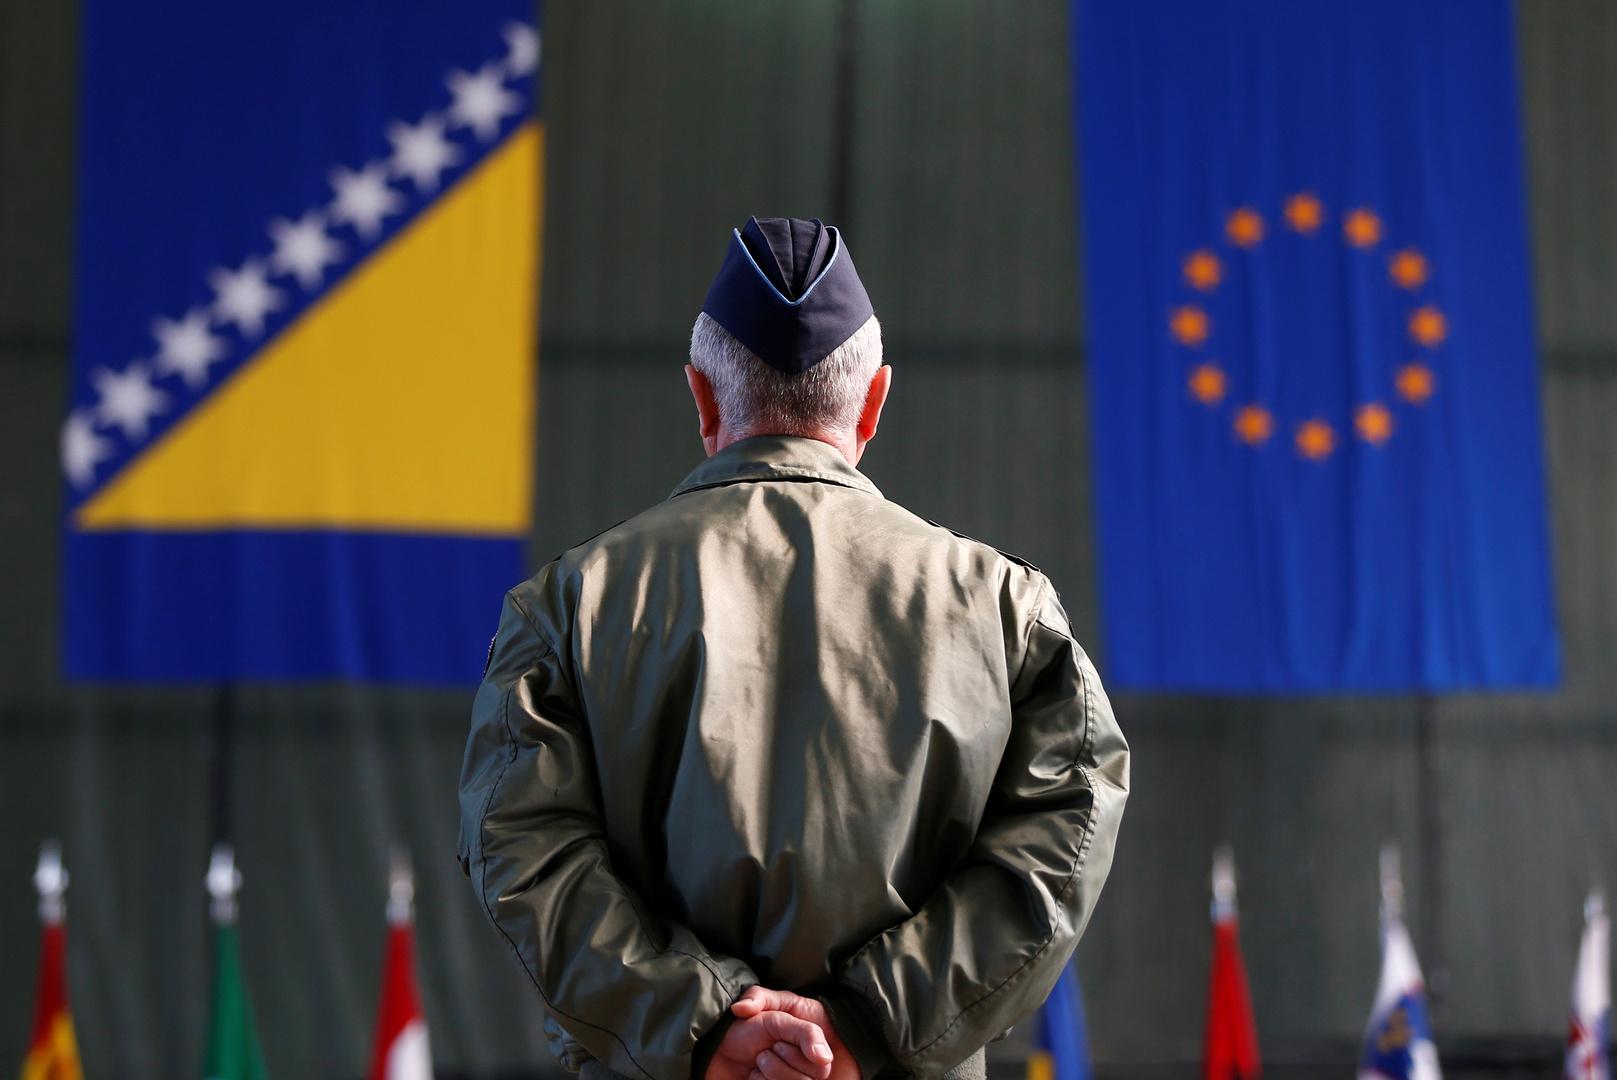 سفارة روسيا في سراييفو: سنعتبر تقارب البوسنة مع الناتو خطوة غير ودية وسنرد عليها